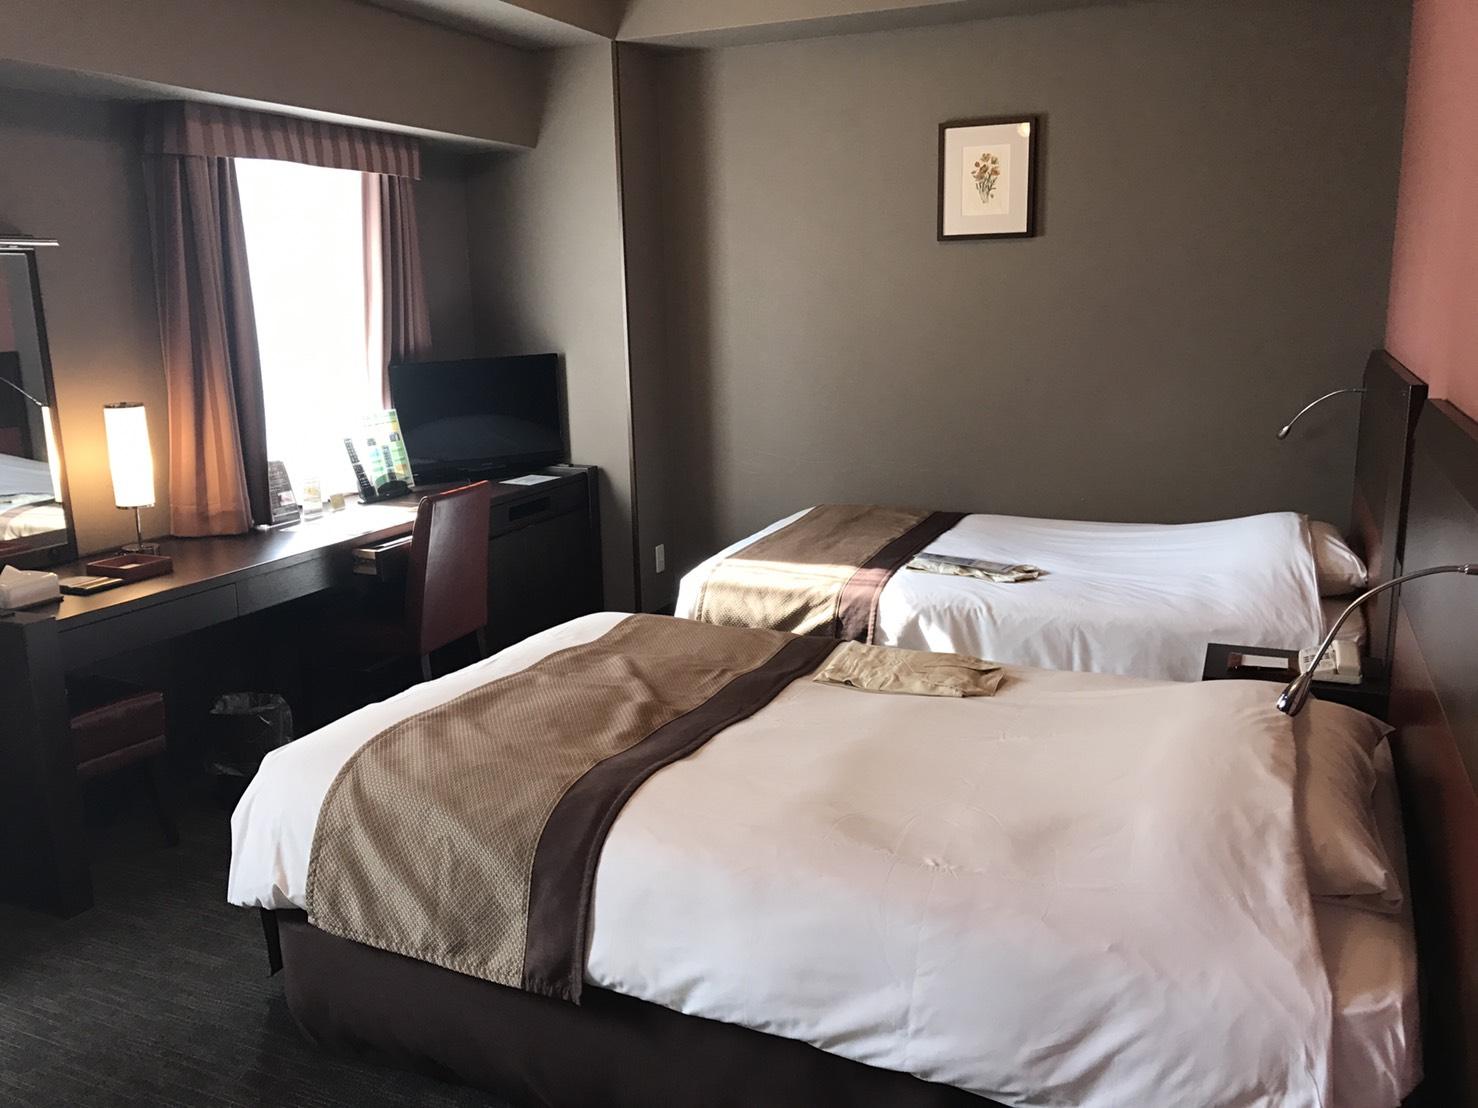 仙台オフ会まであと1時間。ホテルでノド温め中